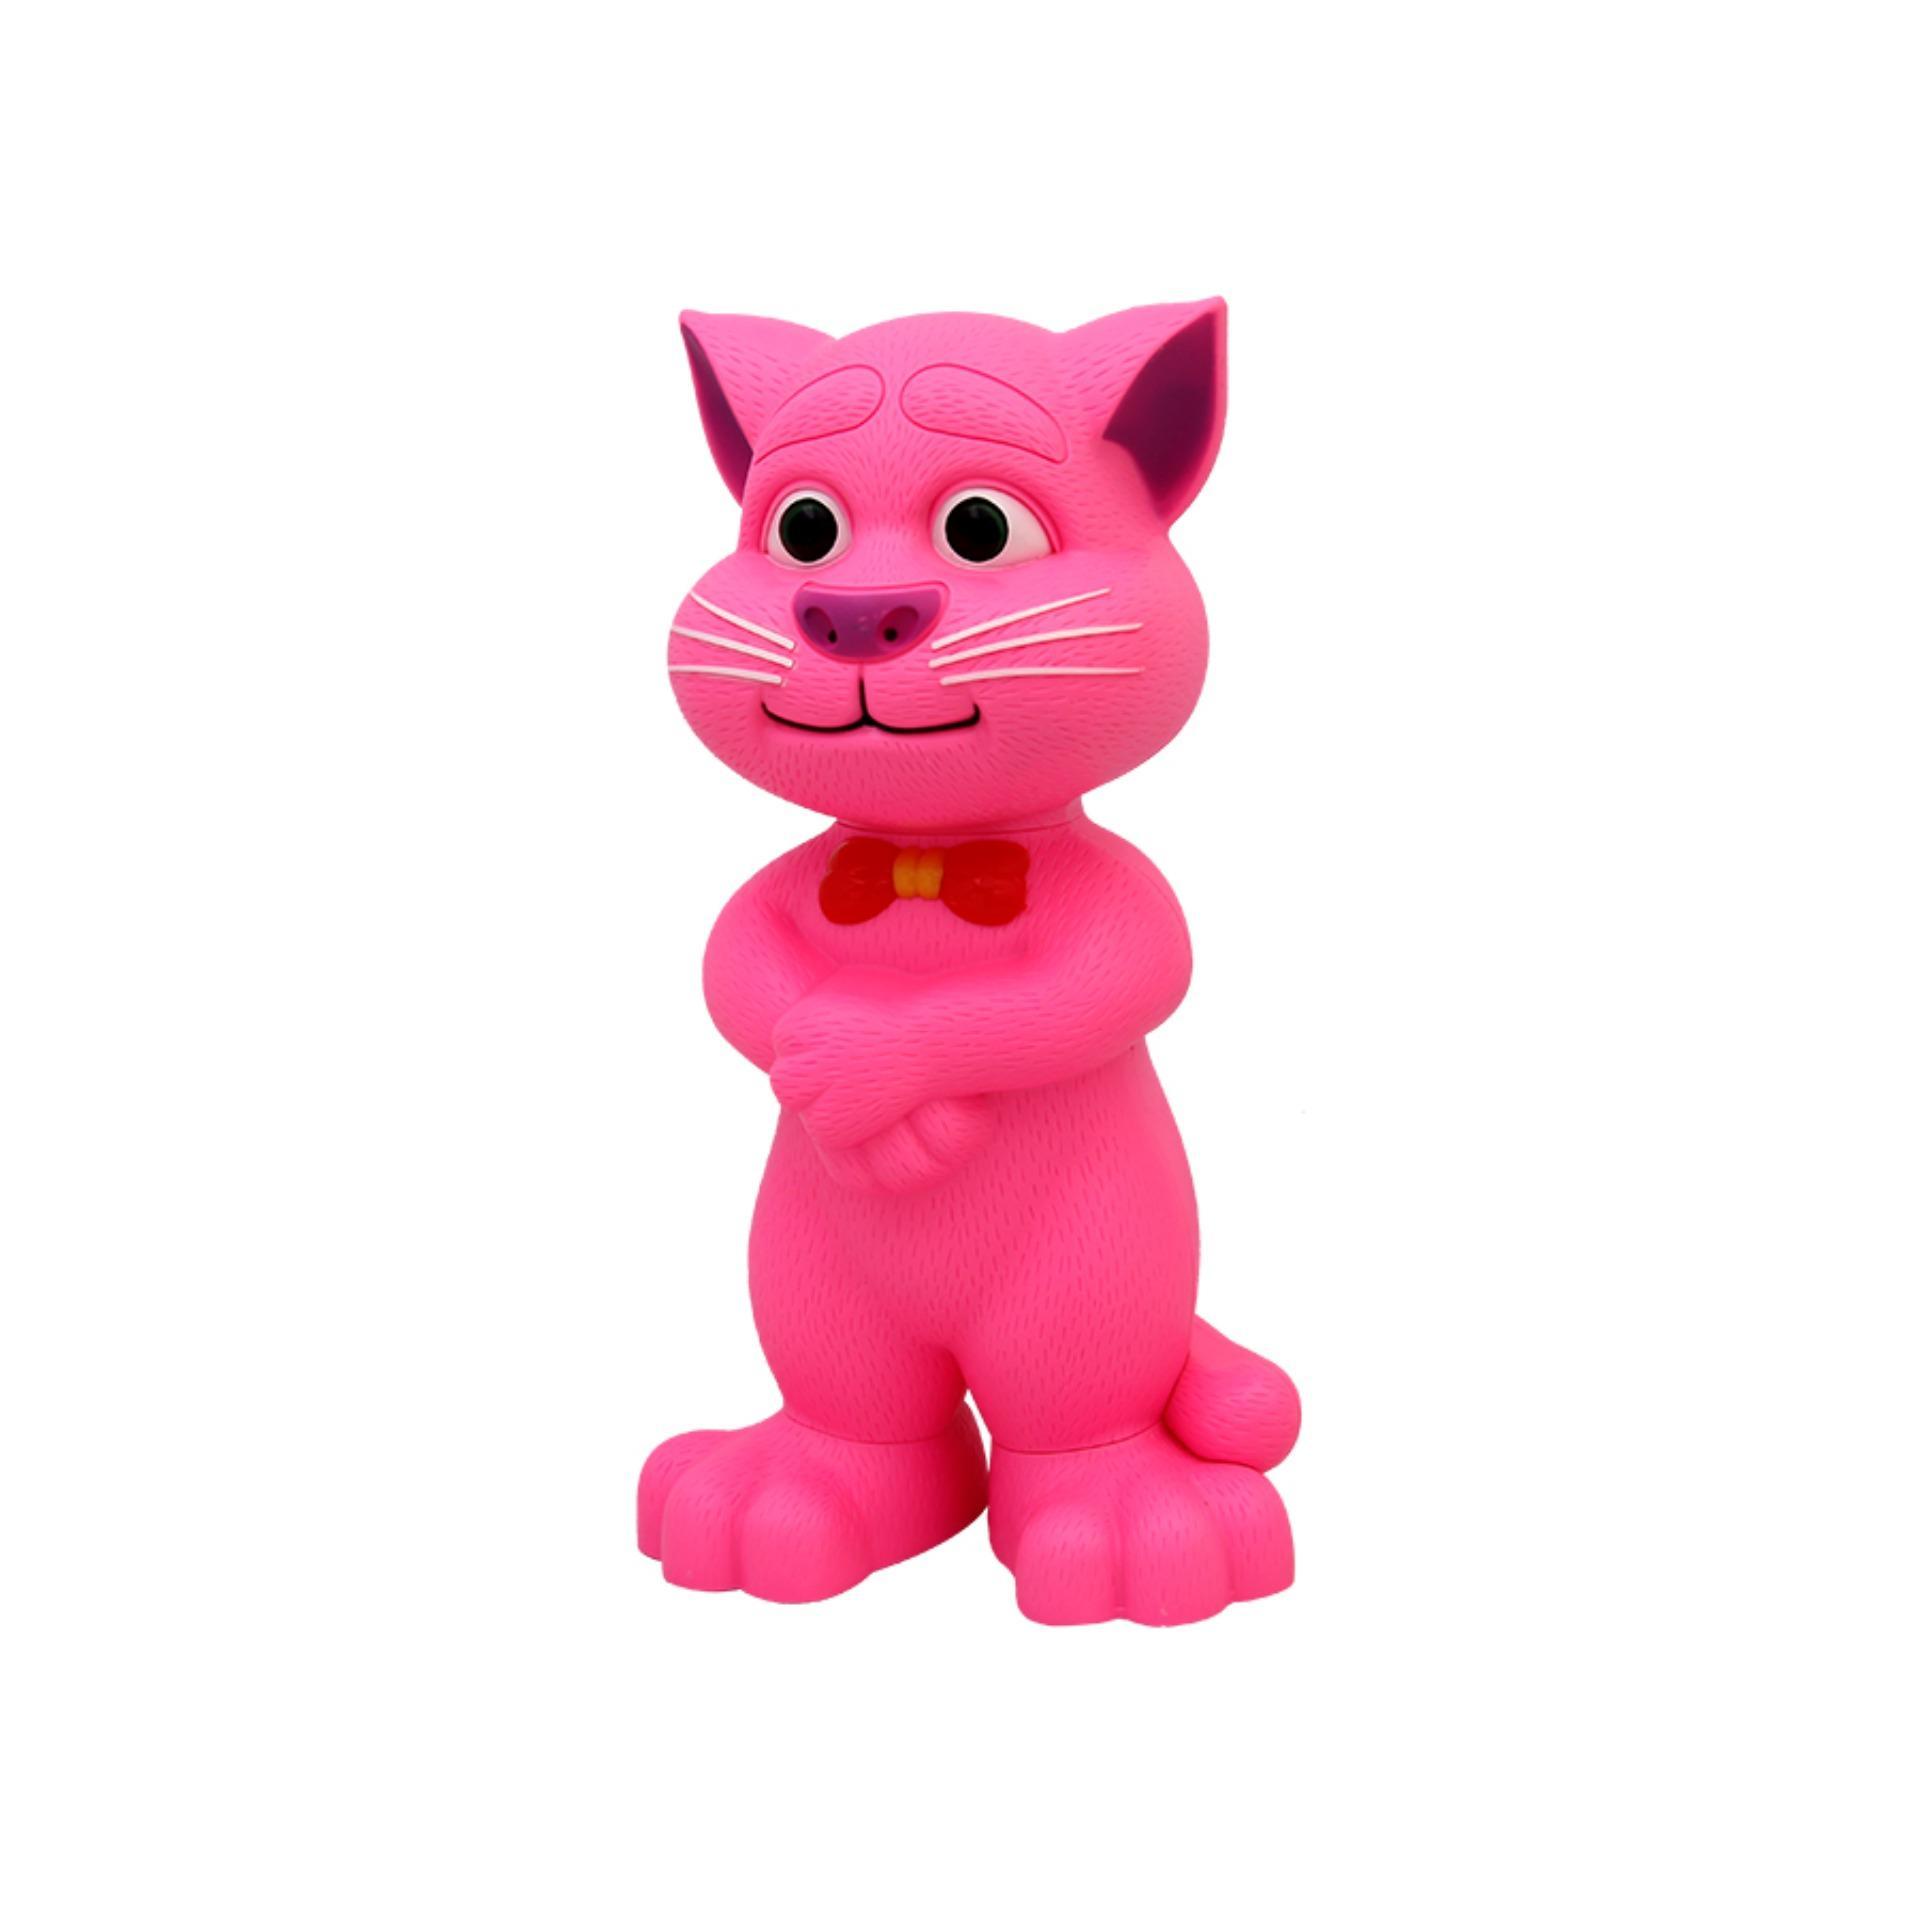 Mua Đồ chơi thông minh cho bé - Mèo Kể Chuyện nhỏ (Màu ngẫu nhiên) - Đồ chơi  Tí Tèo giá rẻ 119.000₫